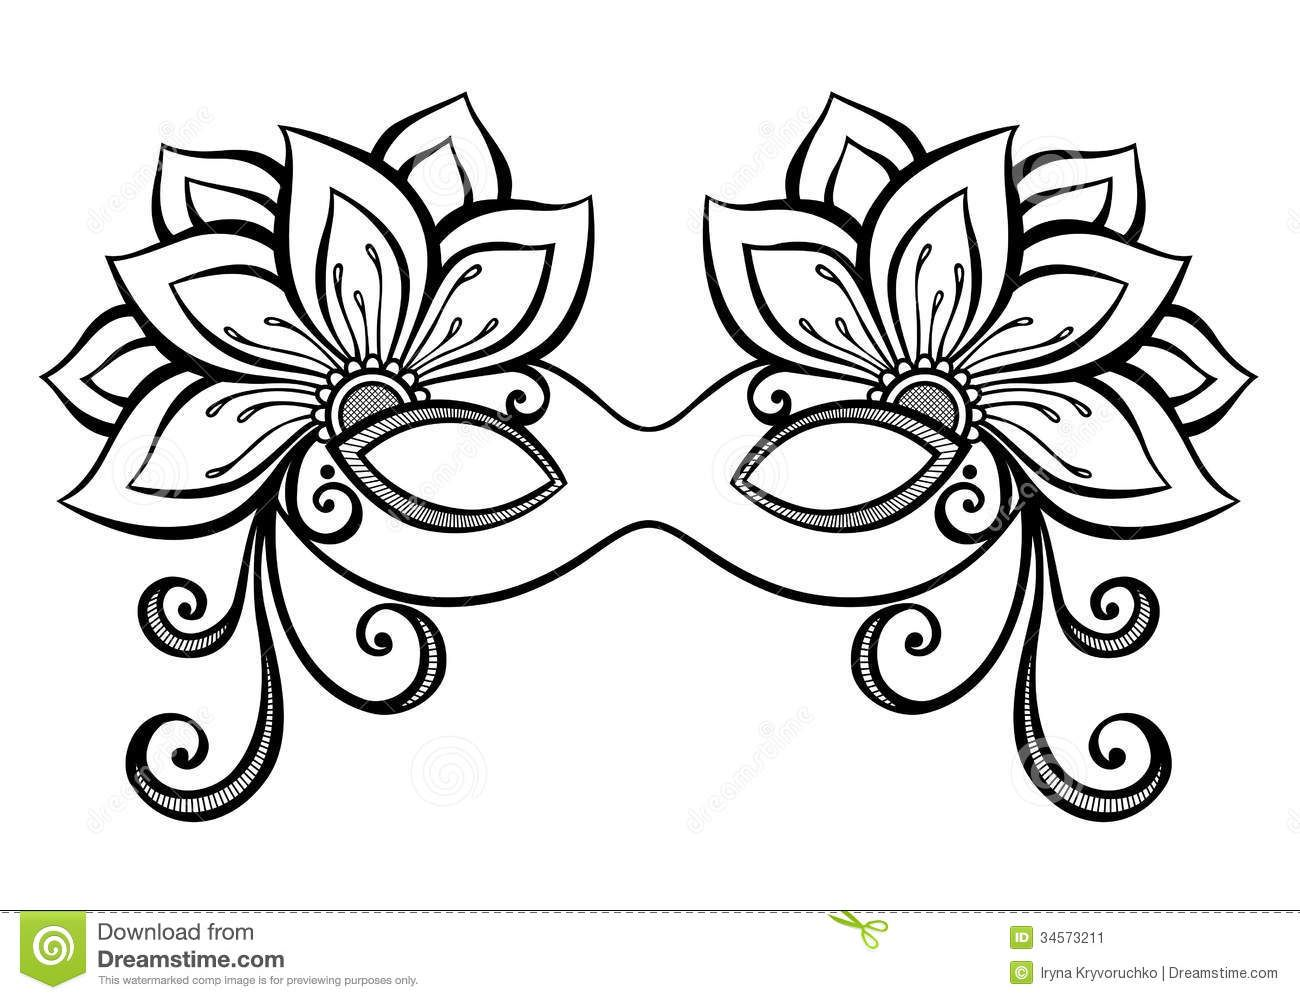 masquerade-masks-drawingsmasquerade-mask-stock-image